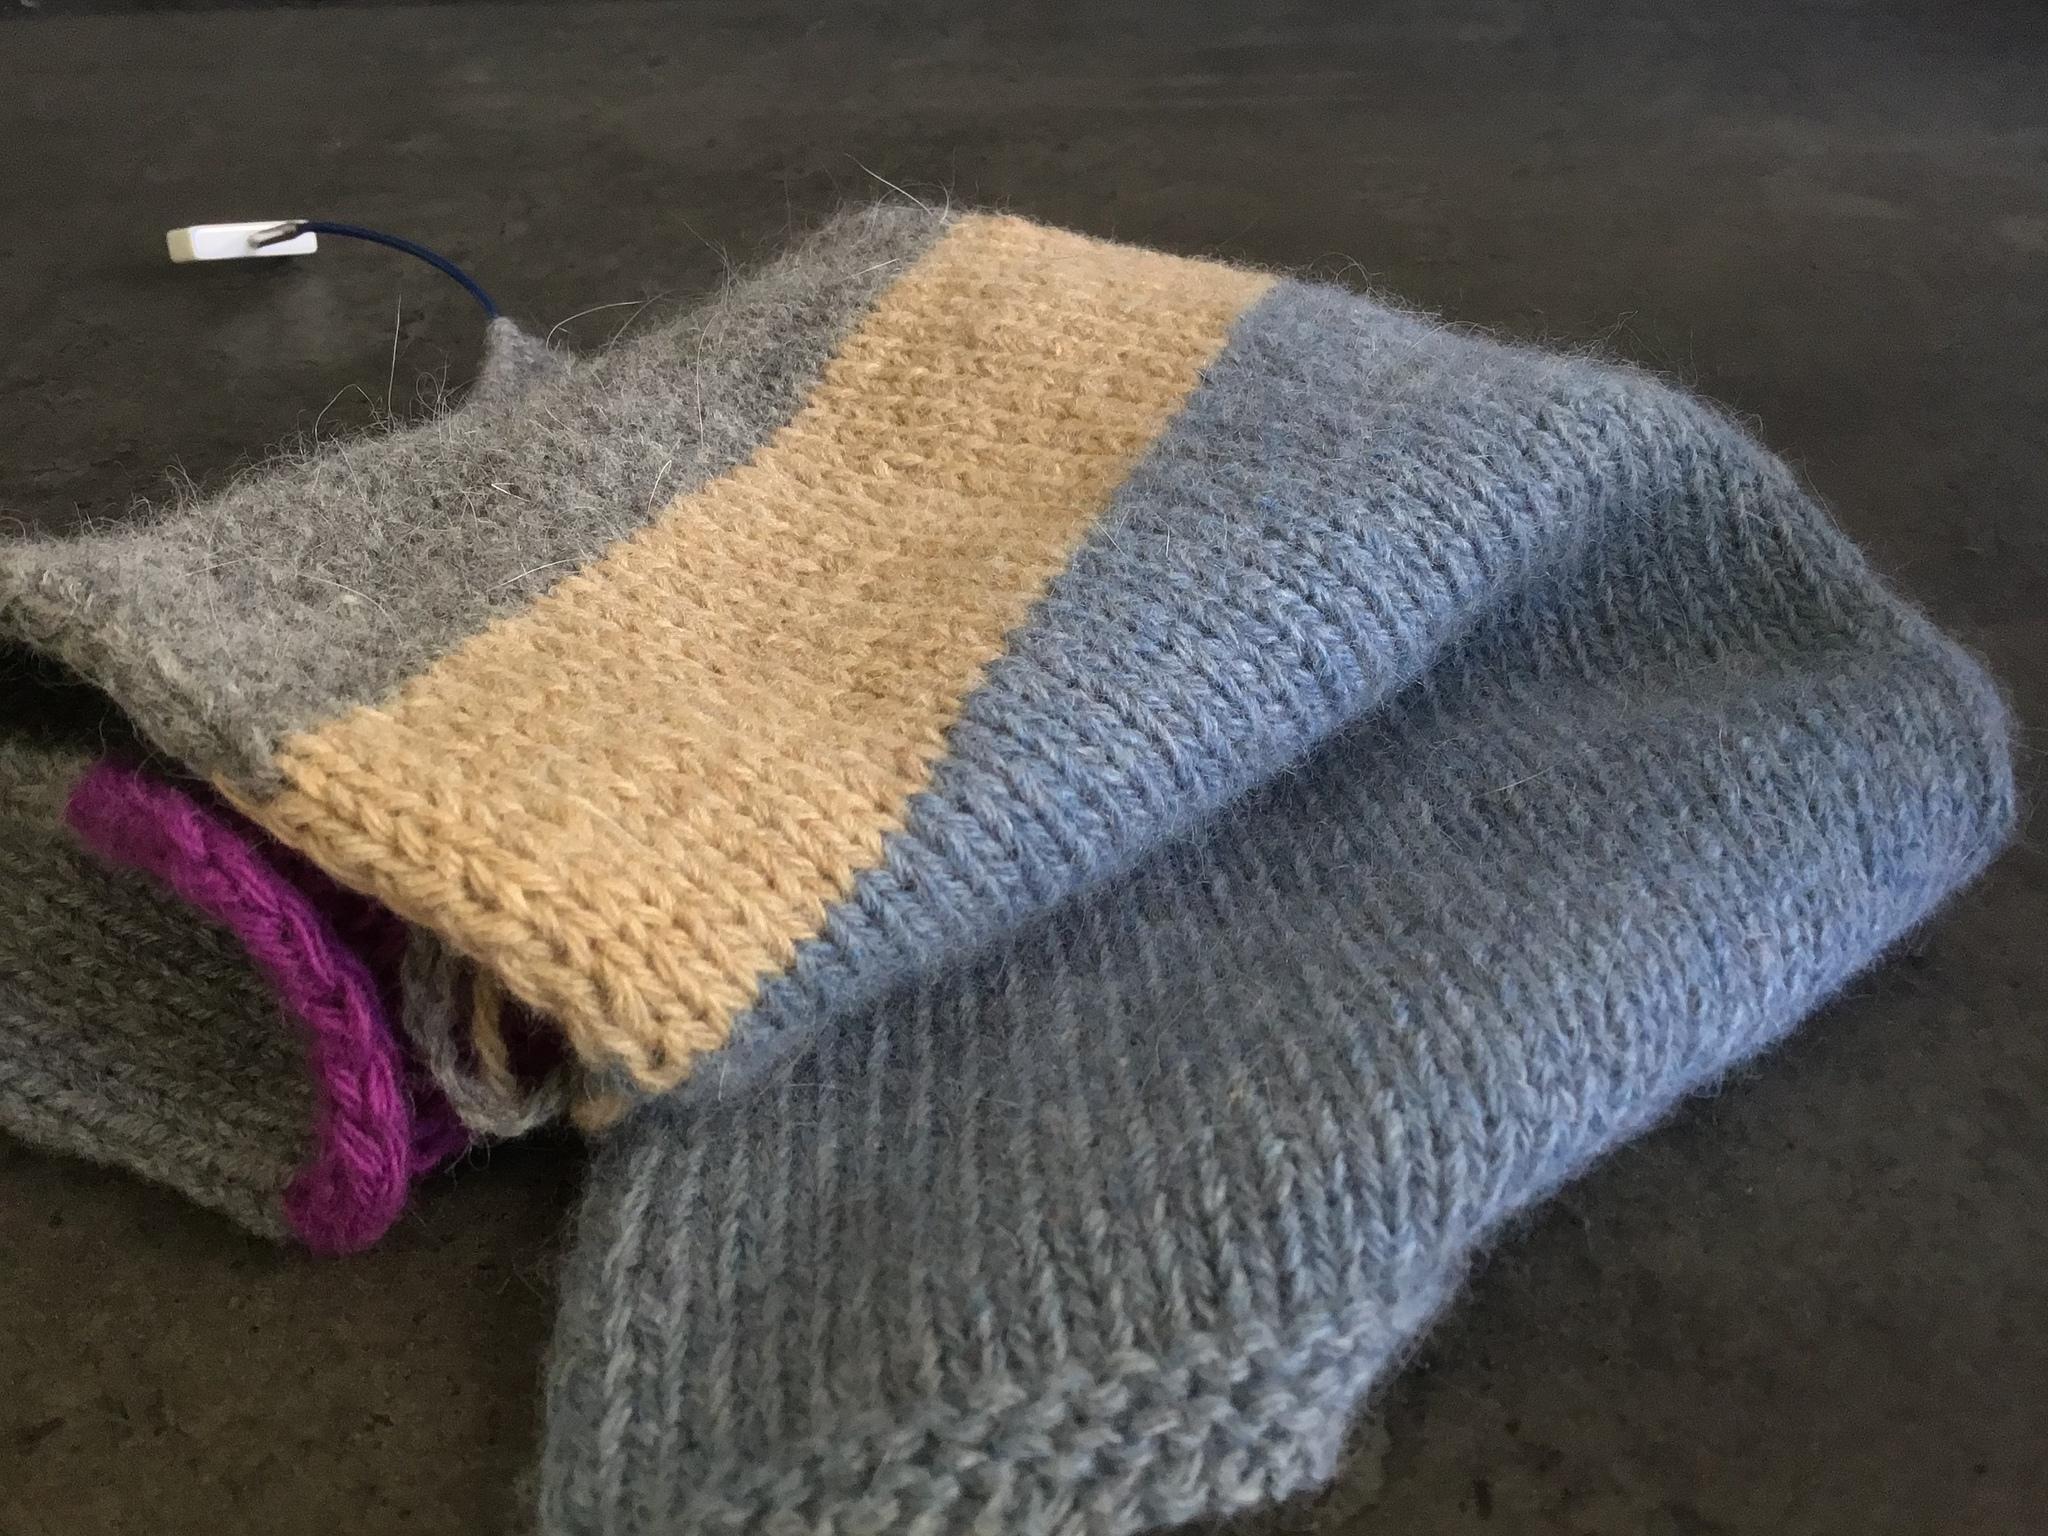 Образец Foxy, меринос с ангорой, связан в 4 нити на спицах 4,5 мм. Одна стирка. Толщина для очень тёплого свитера. Голубой и серый.